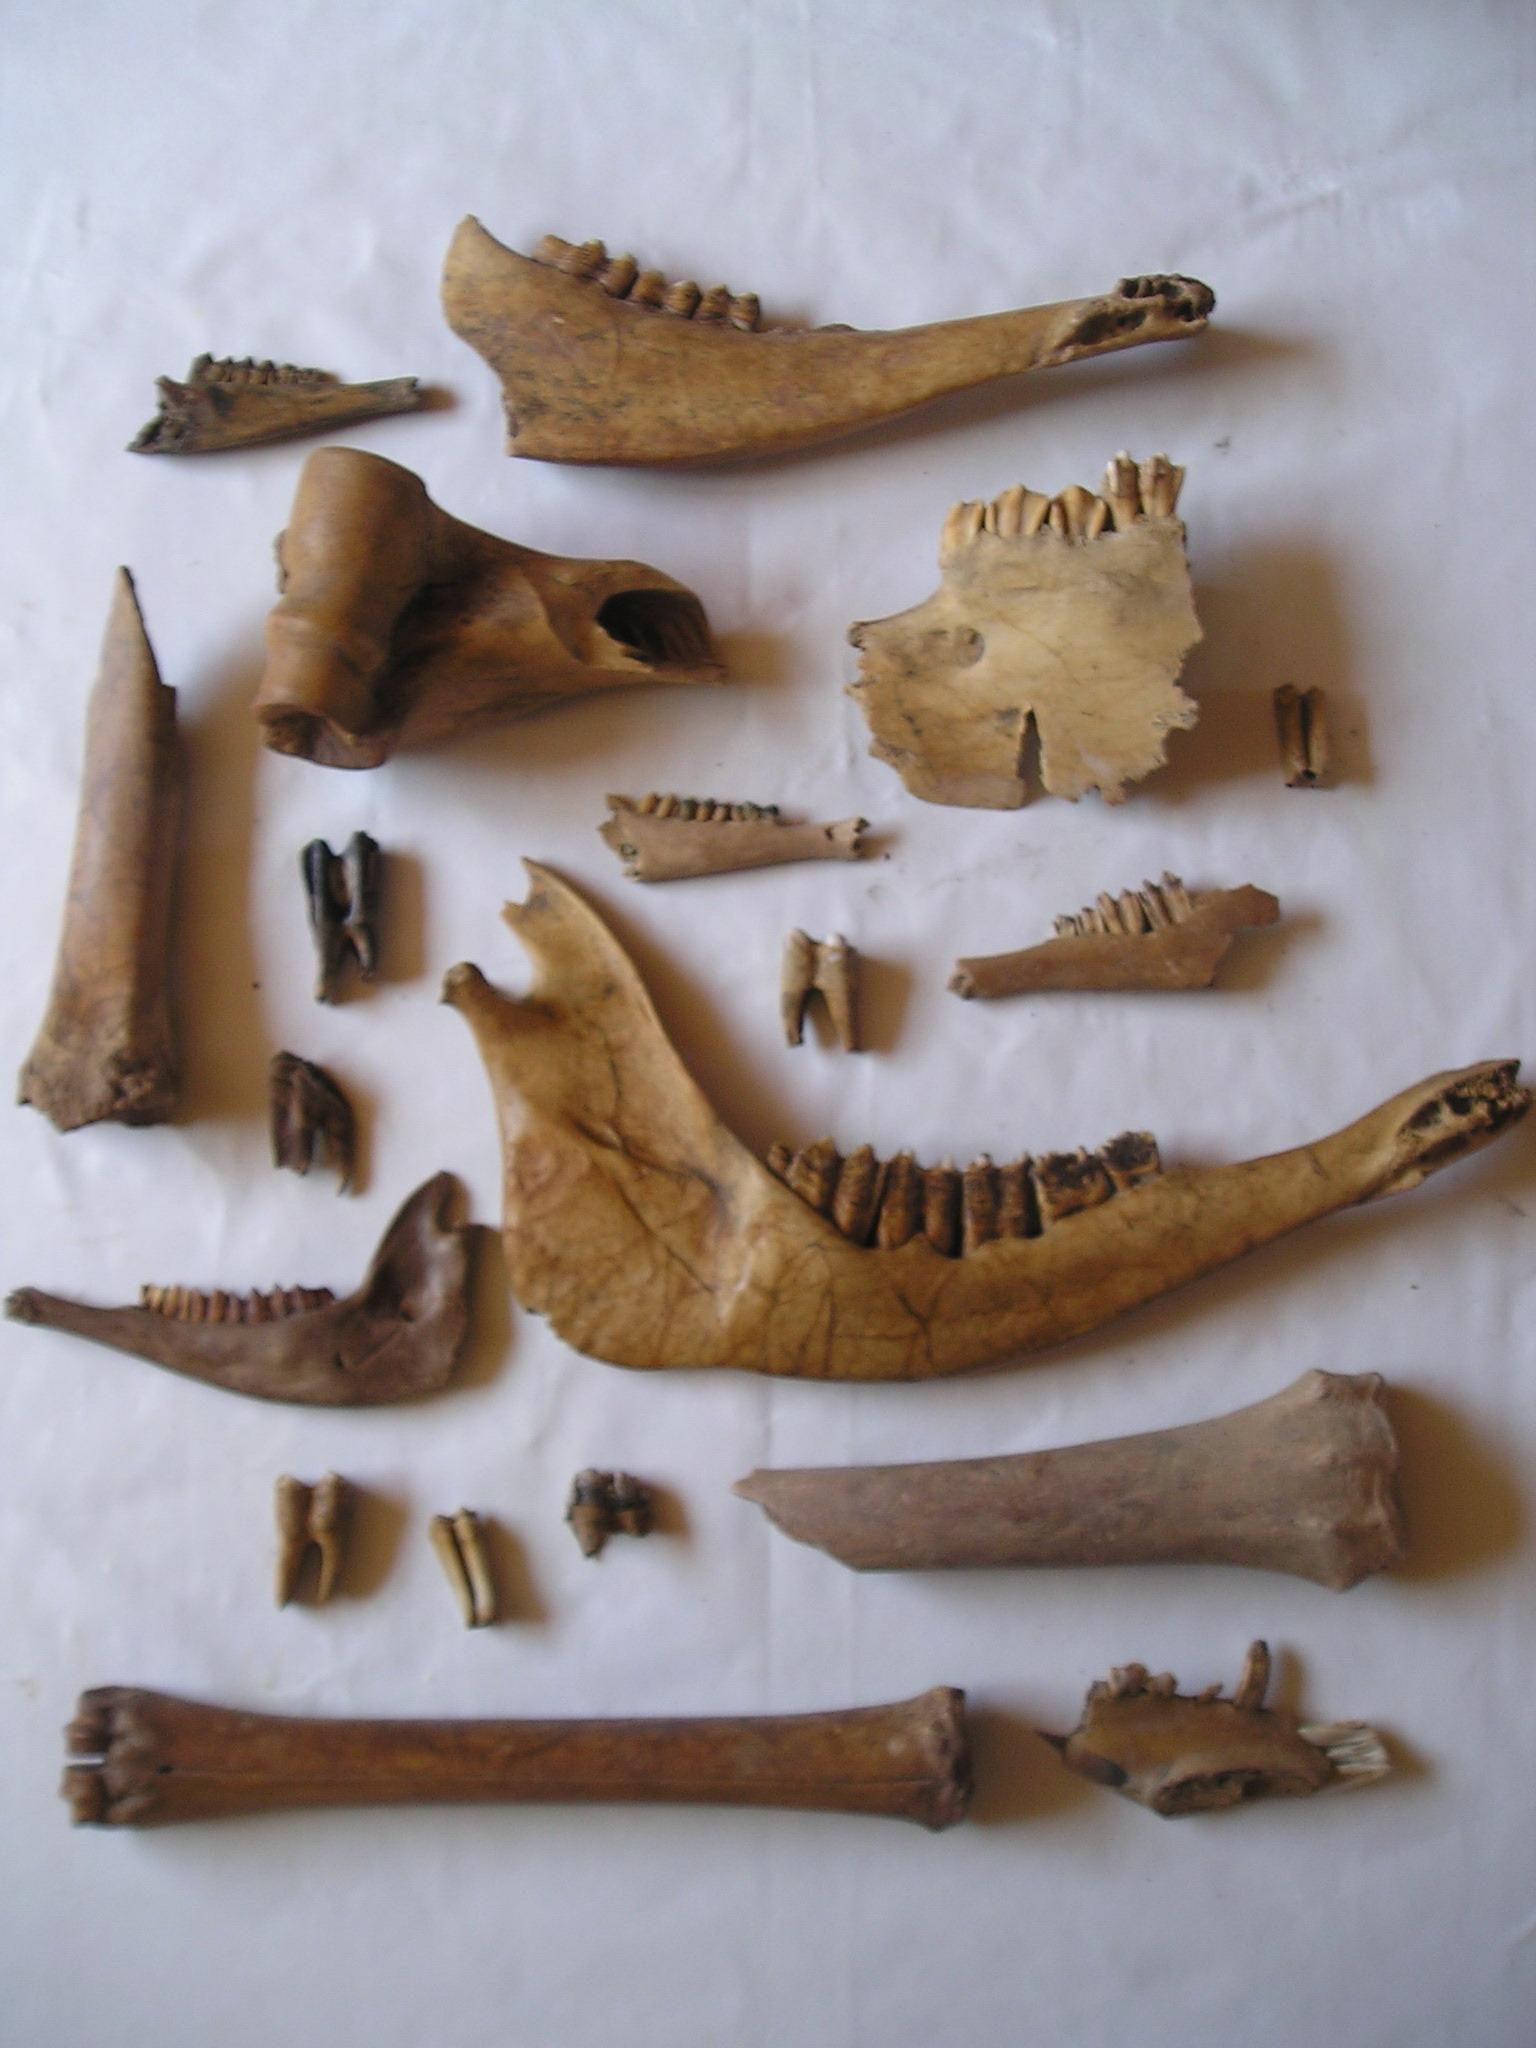 Ossements découverts à Strouanne près de Wissant